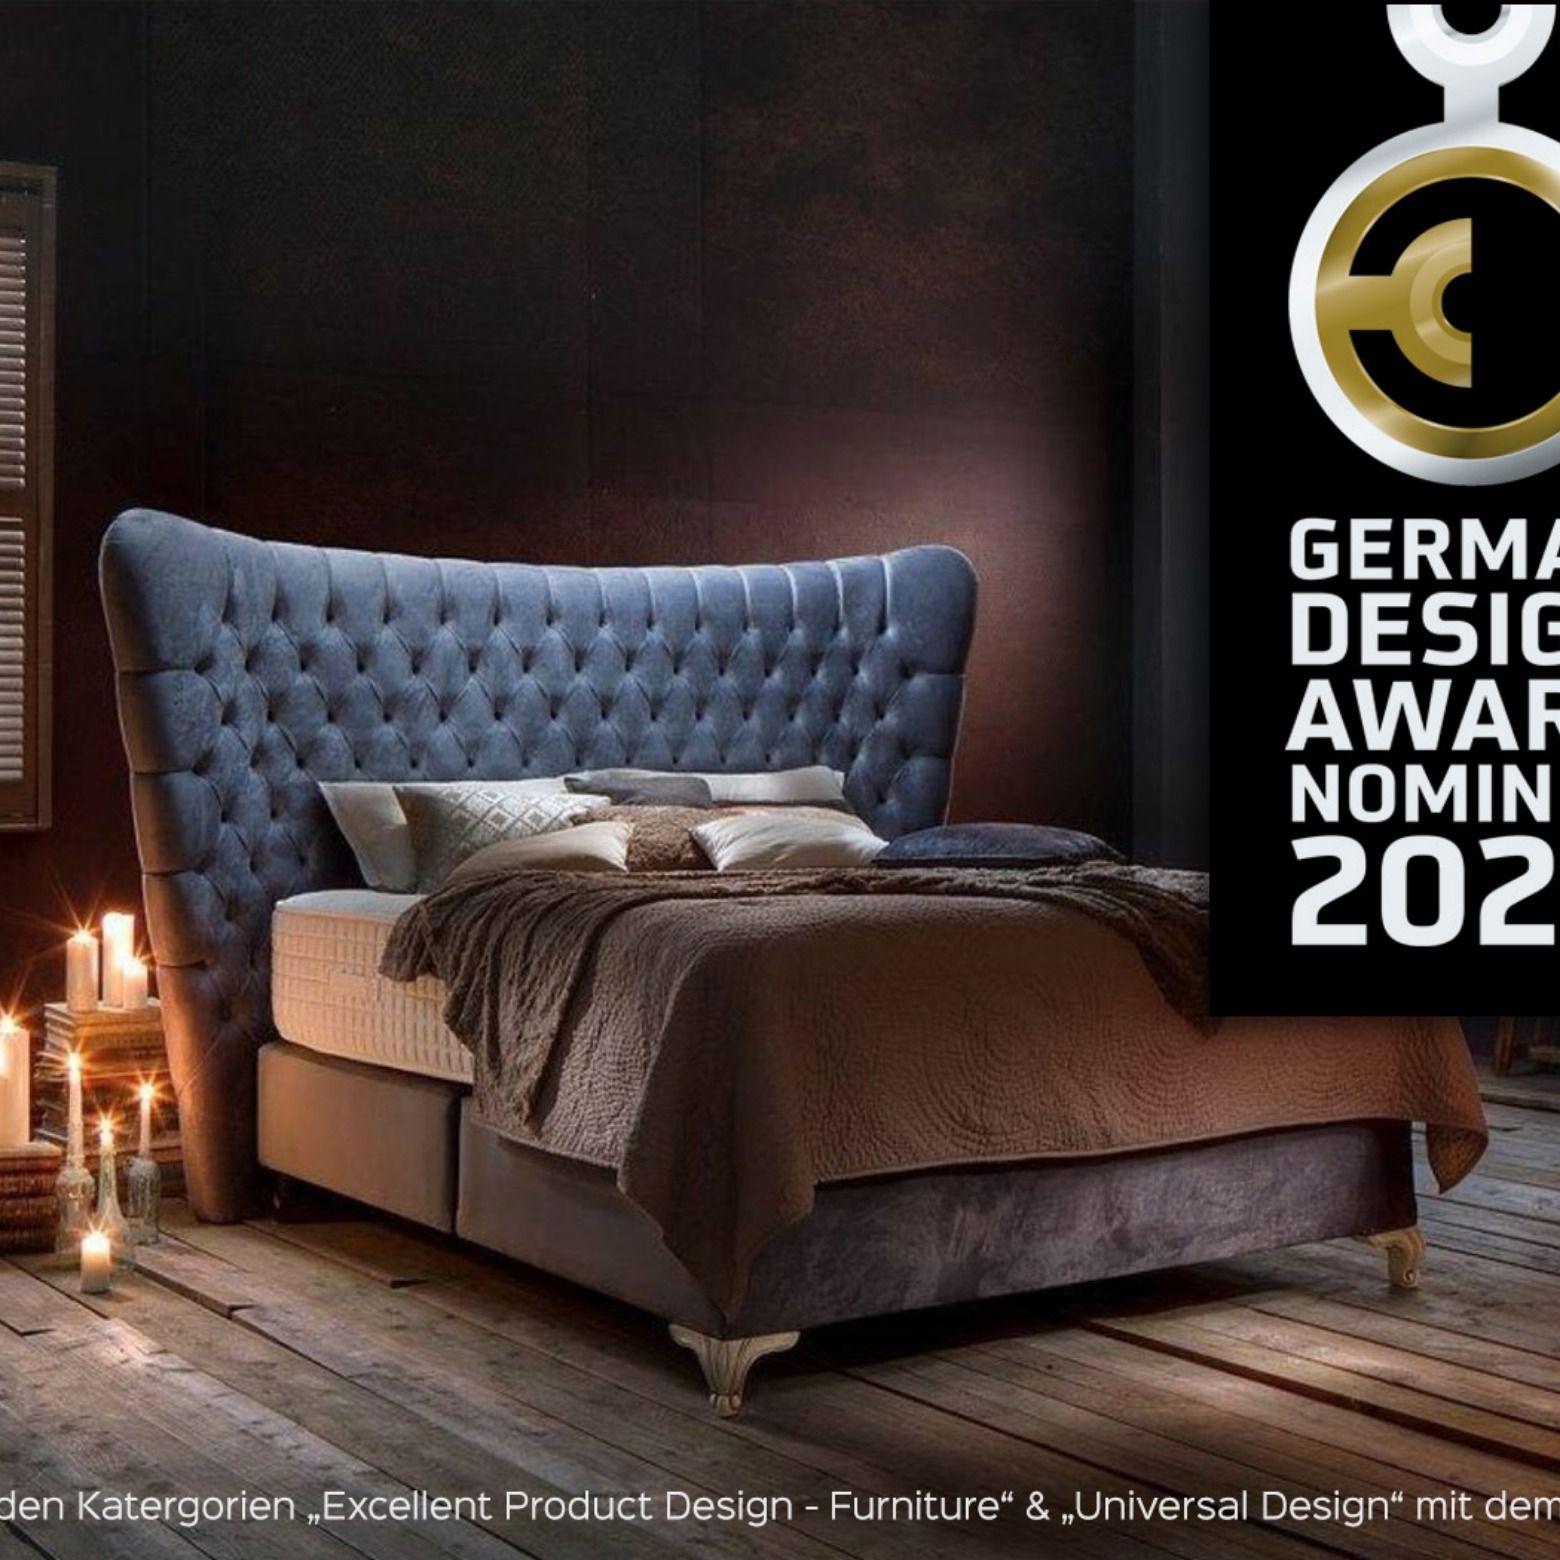 Full Size of Haskinsnominiert Beim German Design Award 2020 Runde Betten Ruf Bett Massivholz Tempur 90x200 Mit Lattenrost Und Matratze Landhausstil Baza Sonoma Eiche Bett Luxus Bett